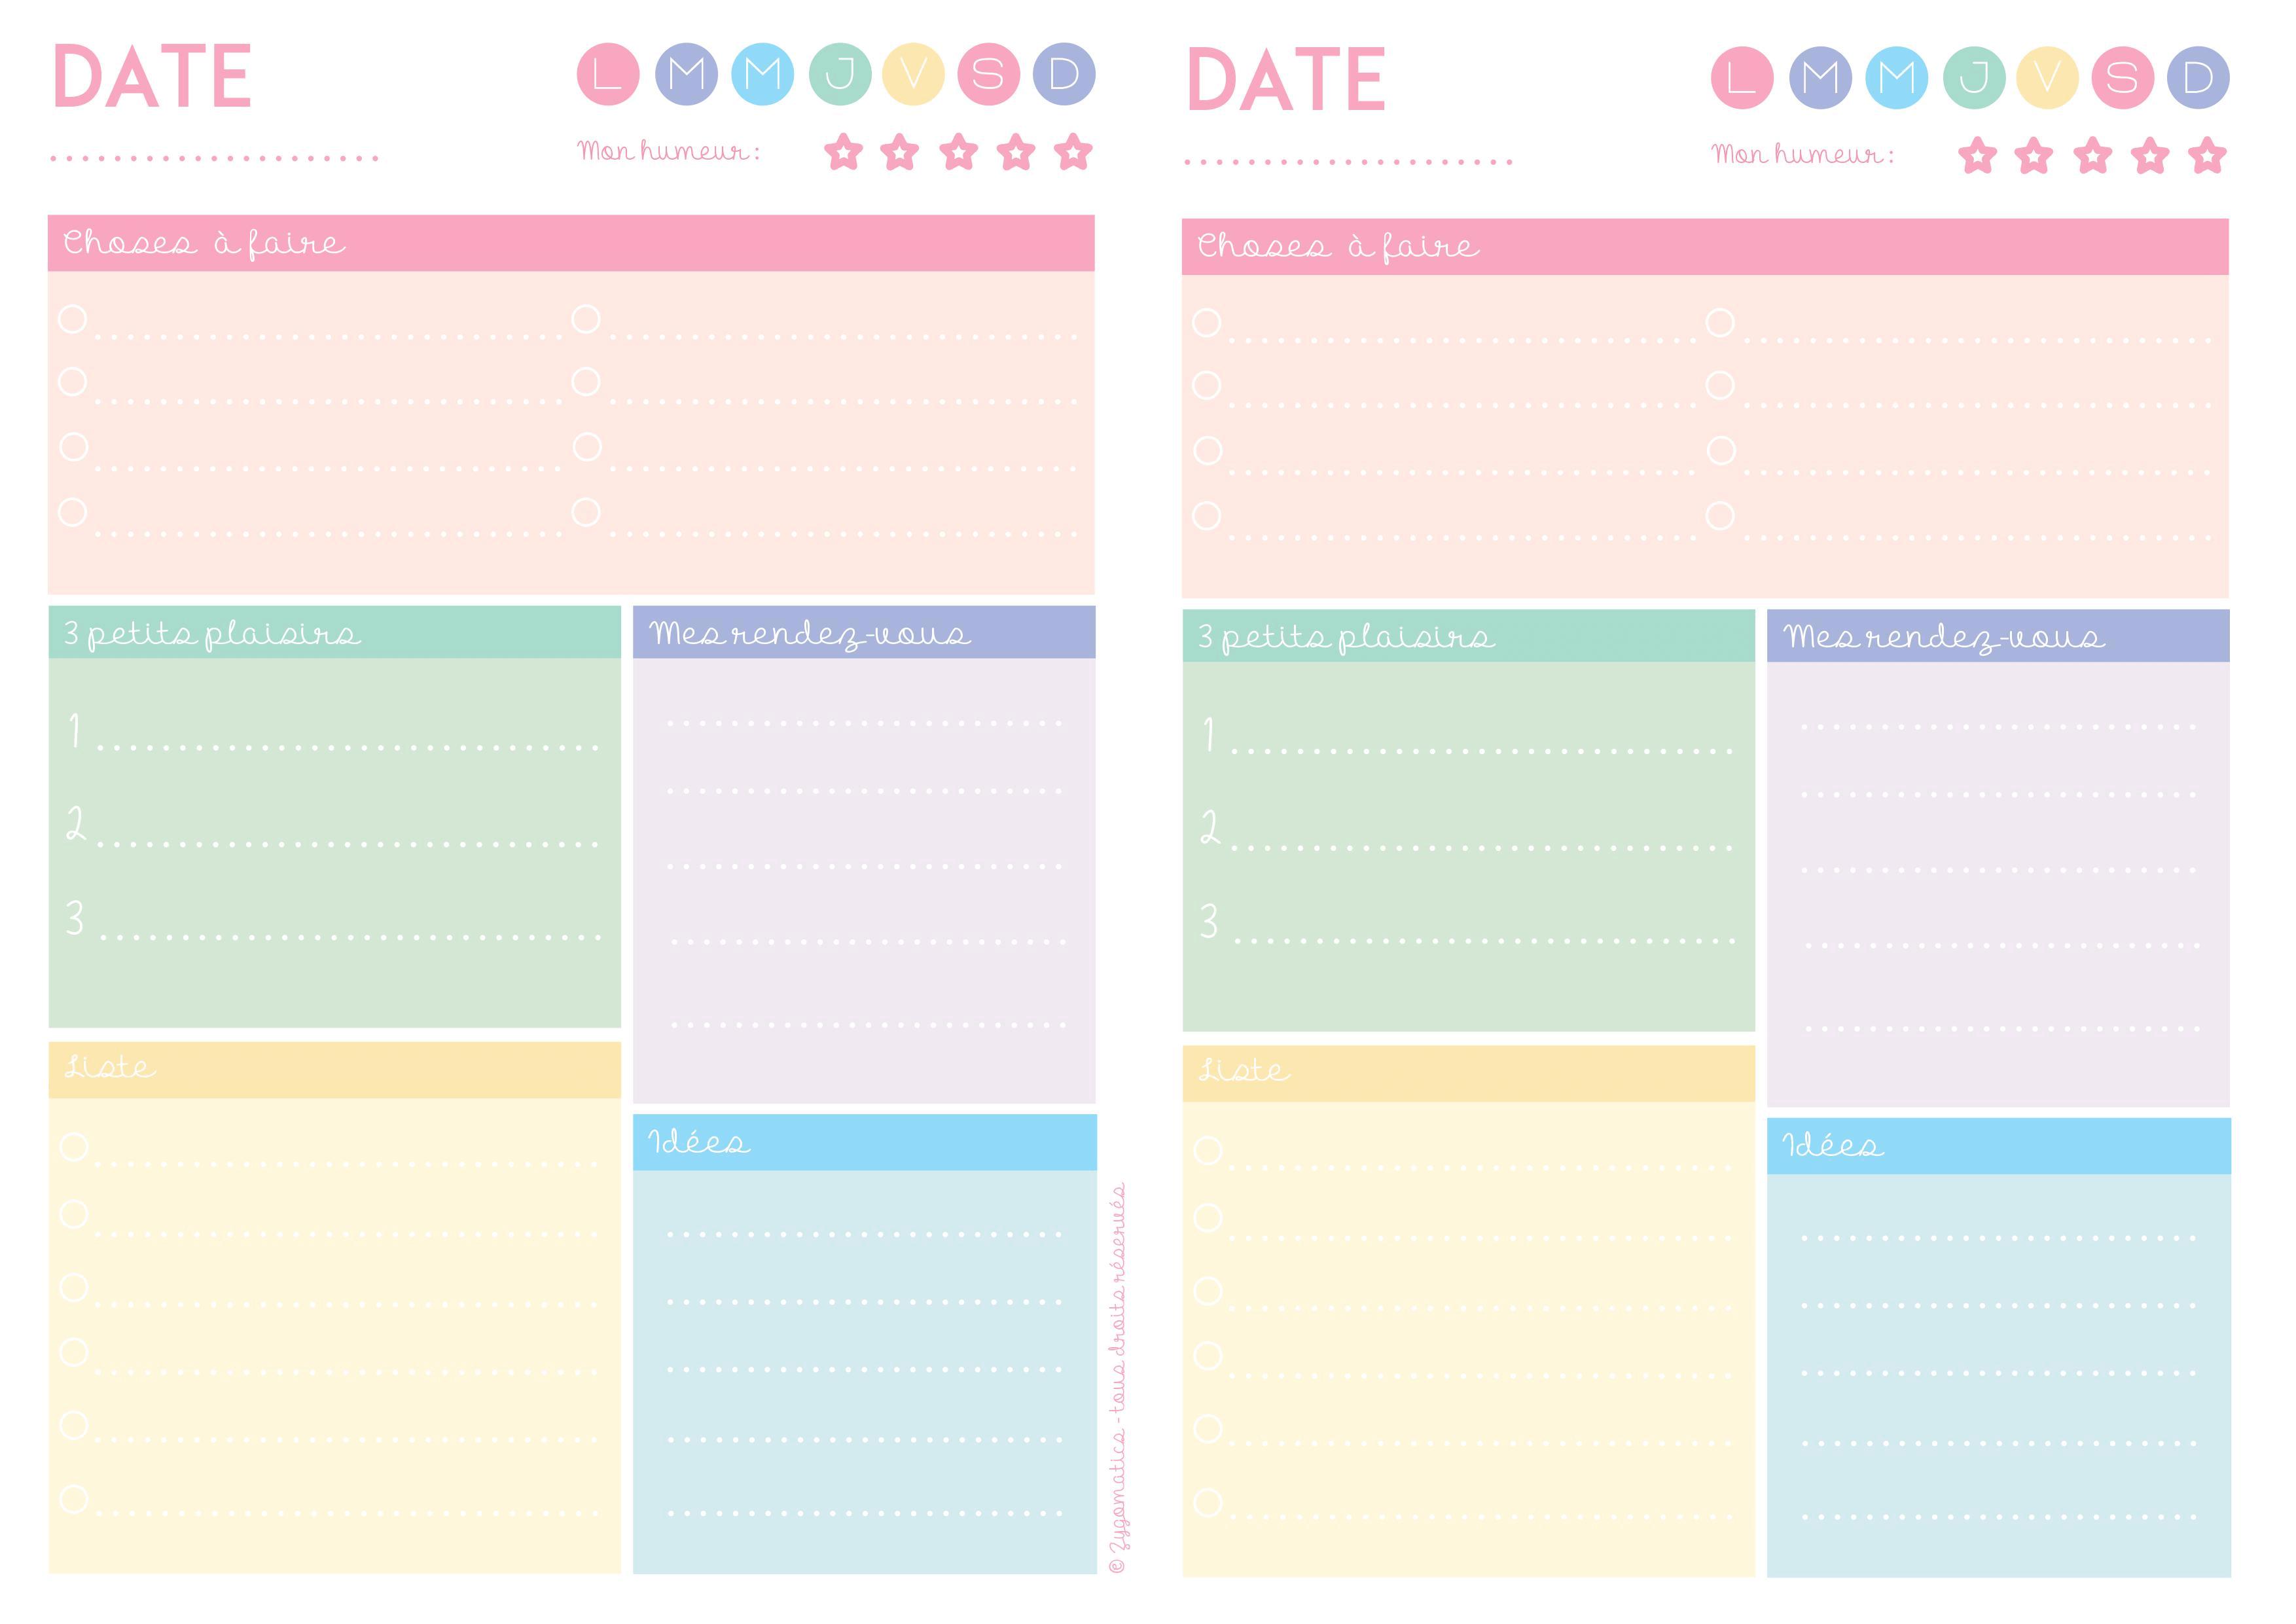 Connu Planning de semaine et agenda à imprimer gratuitement - Partie #2. VX11